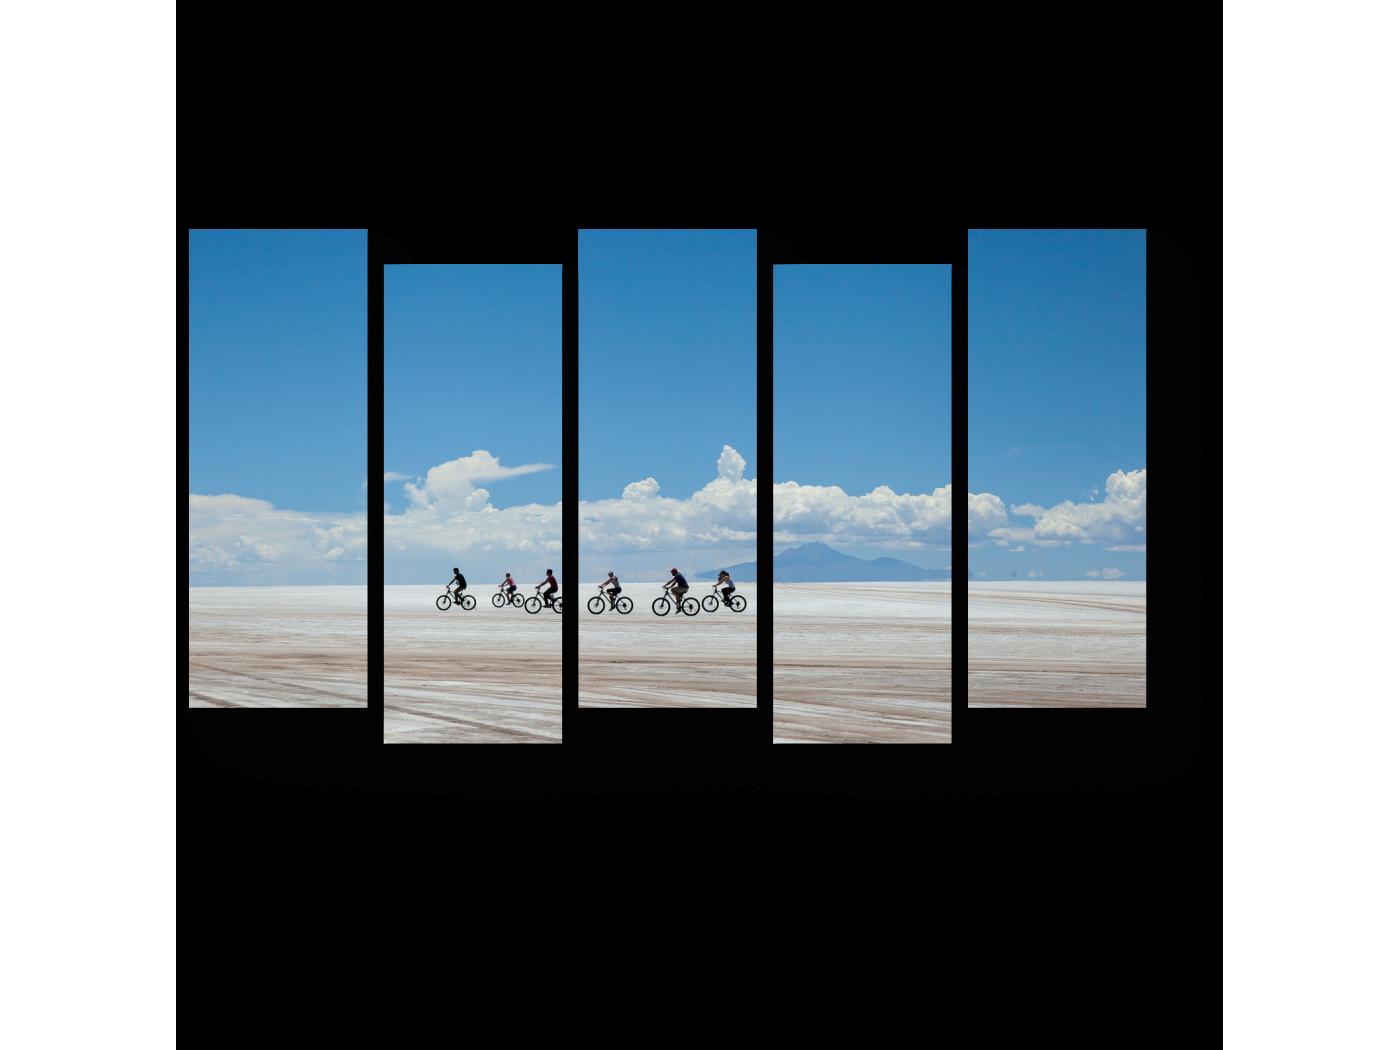 Модульная картина Велосипедисты на небесном фоне (90x52) фото